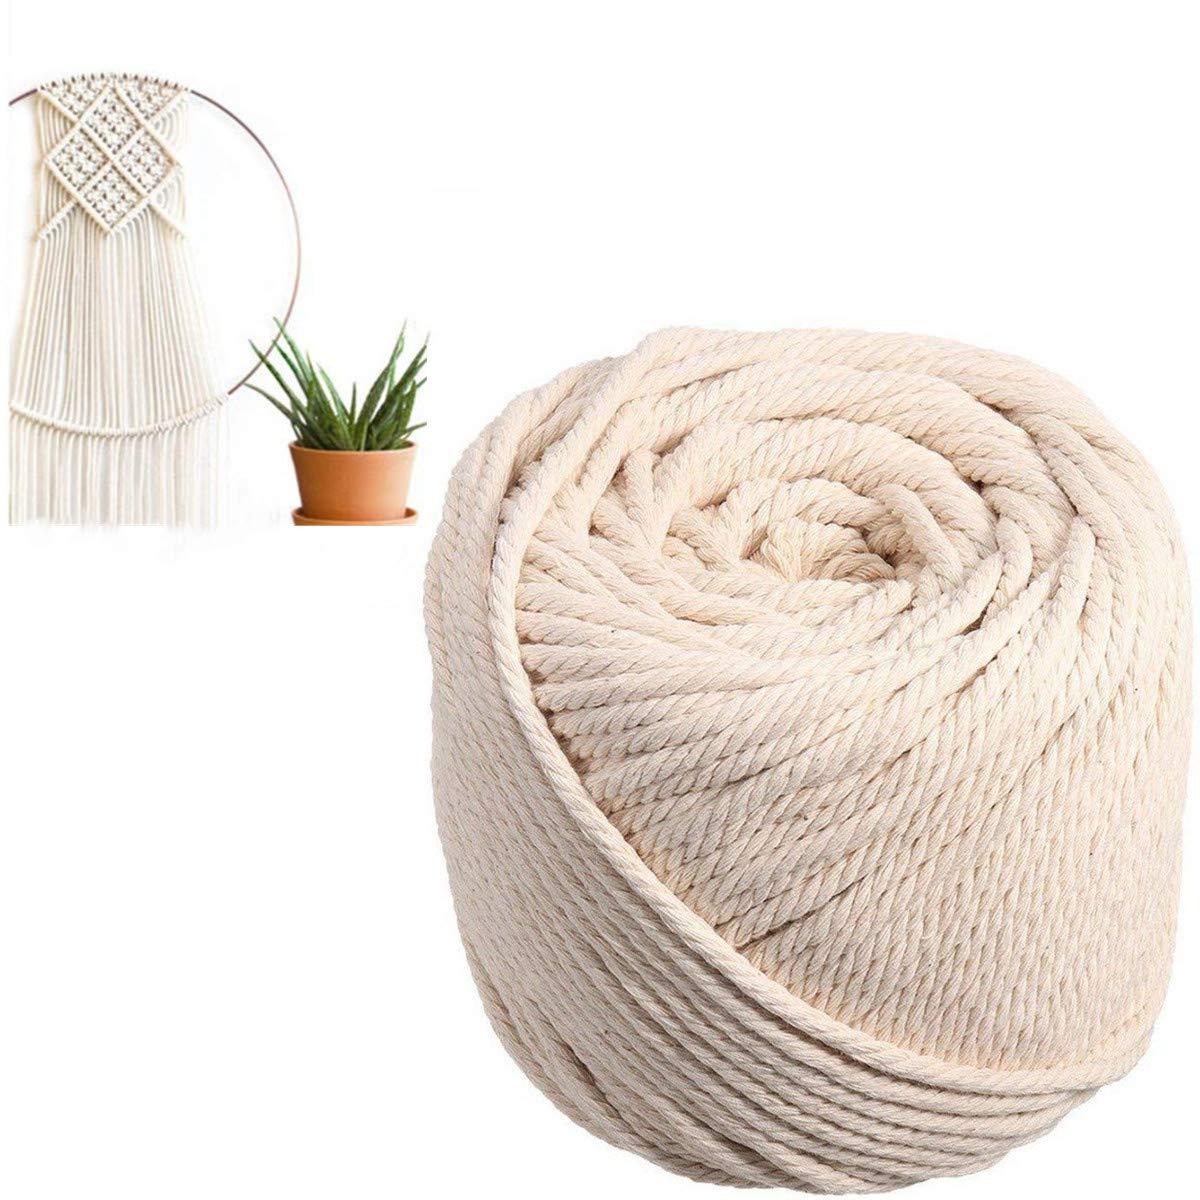 TOPWA - Cuerda de algodón para macramé o macramé de 4 mm, cuerda de algodón rústica, cuerda